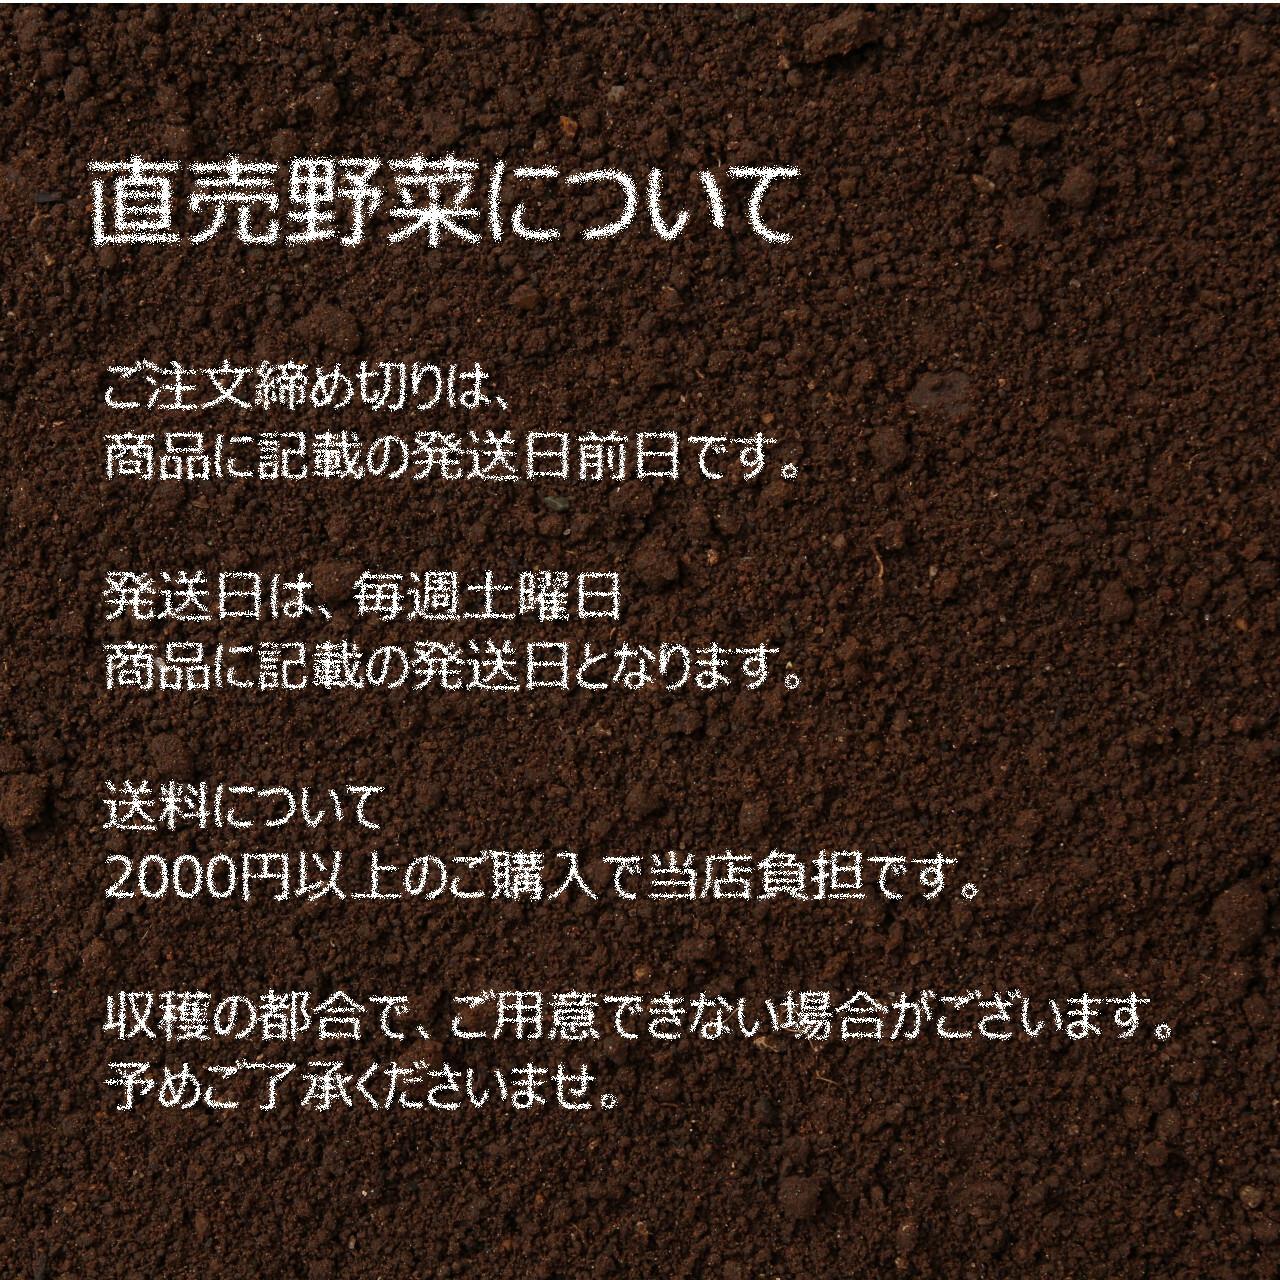 新鮮な秋野菜: かぼちゃ 1個 9月の朝採り直売野菜 9月28日発送予定